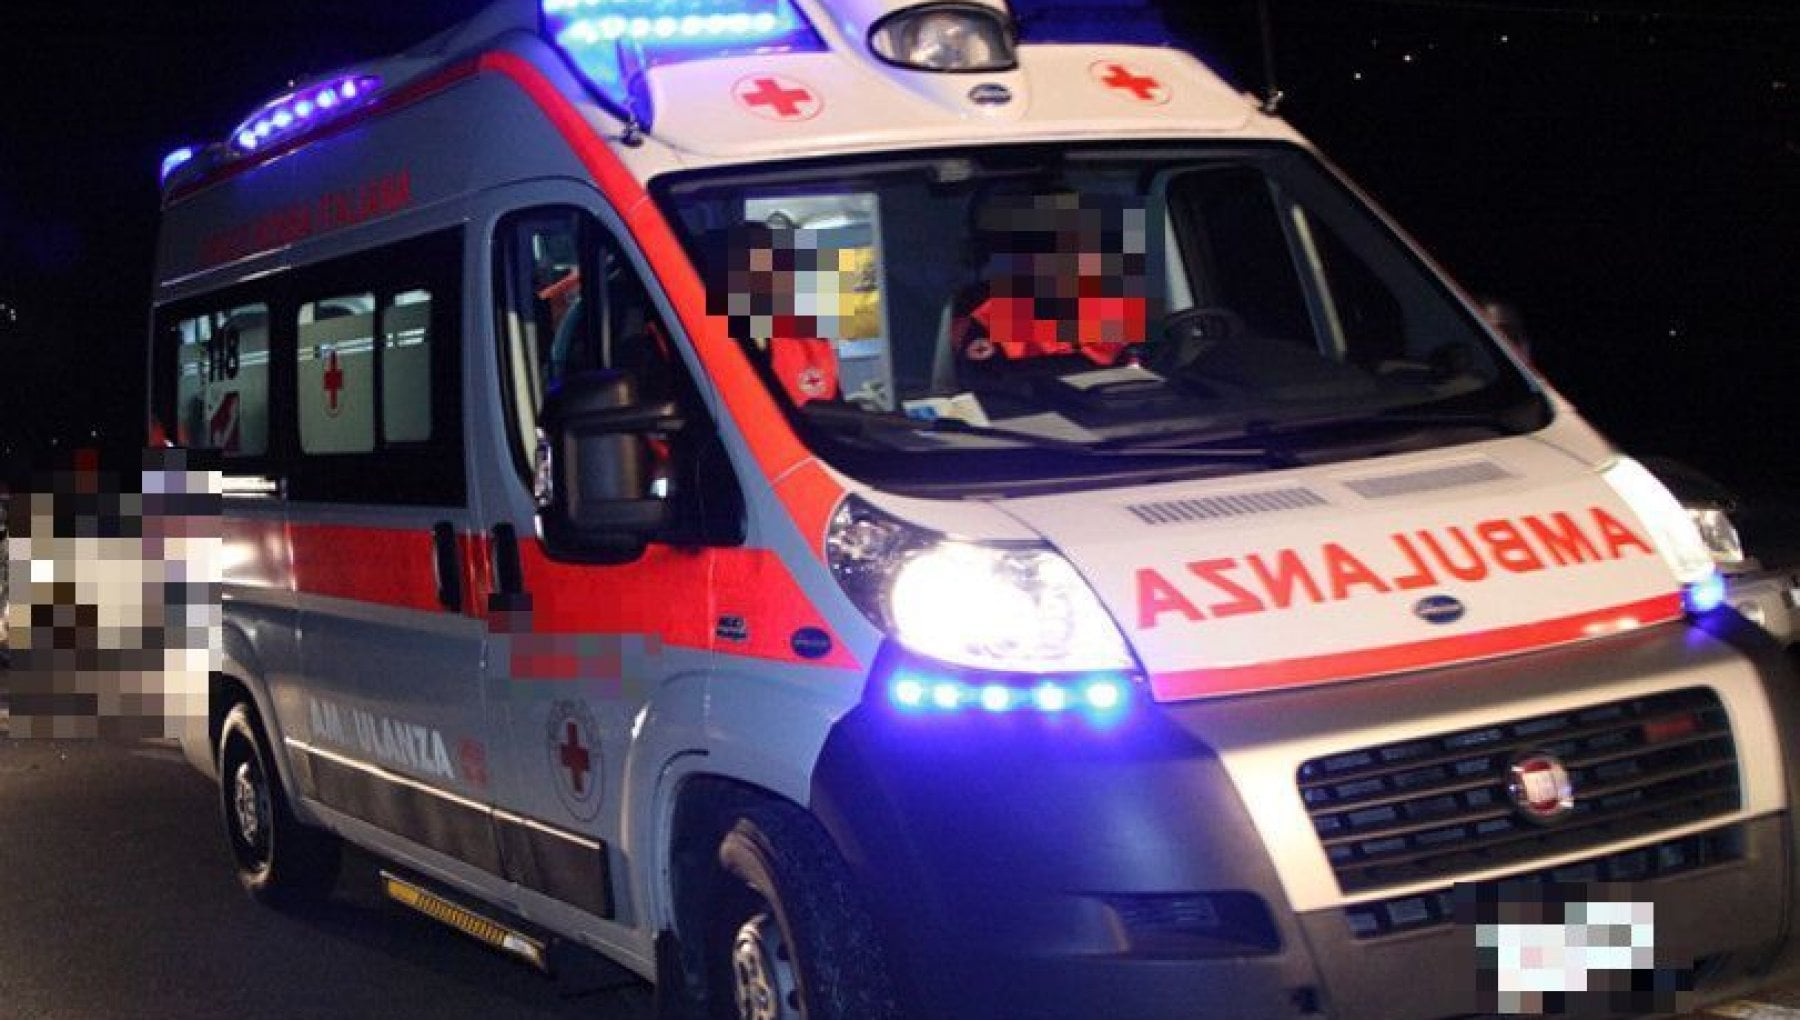 000501181 1b0858ae 0818 4160 adf5 846fb0b93f7b - Precipita dal balcone: muore bimbo di un anno in Abruzzo